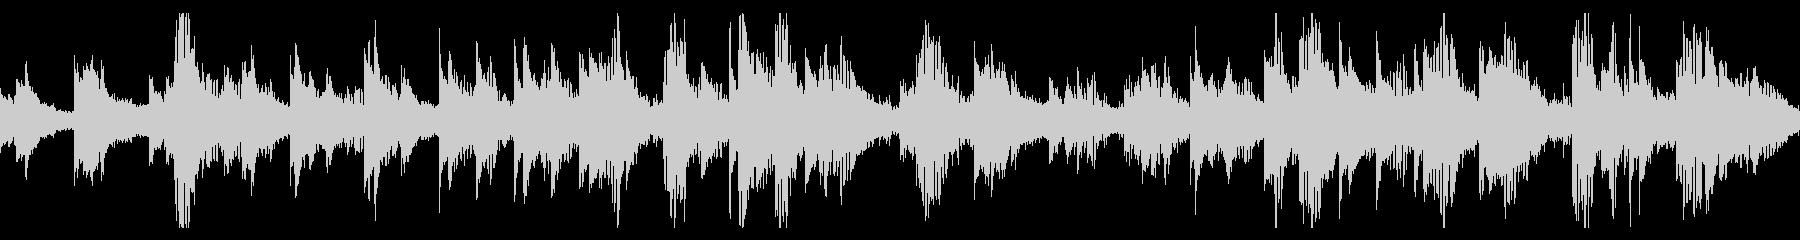 深い響きのピアノと、シンセサイザーの未再生の波形